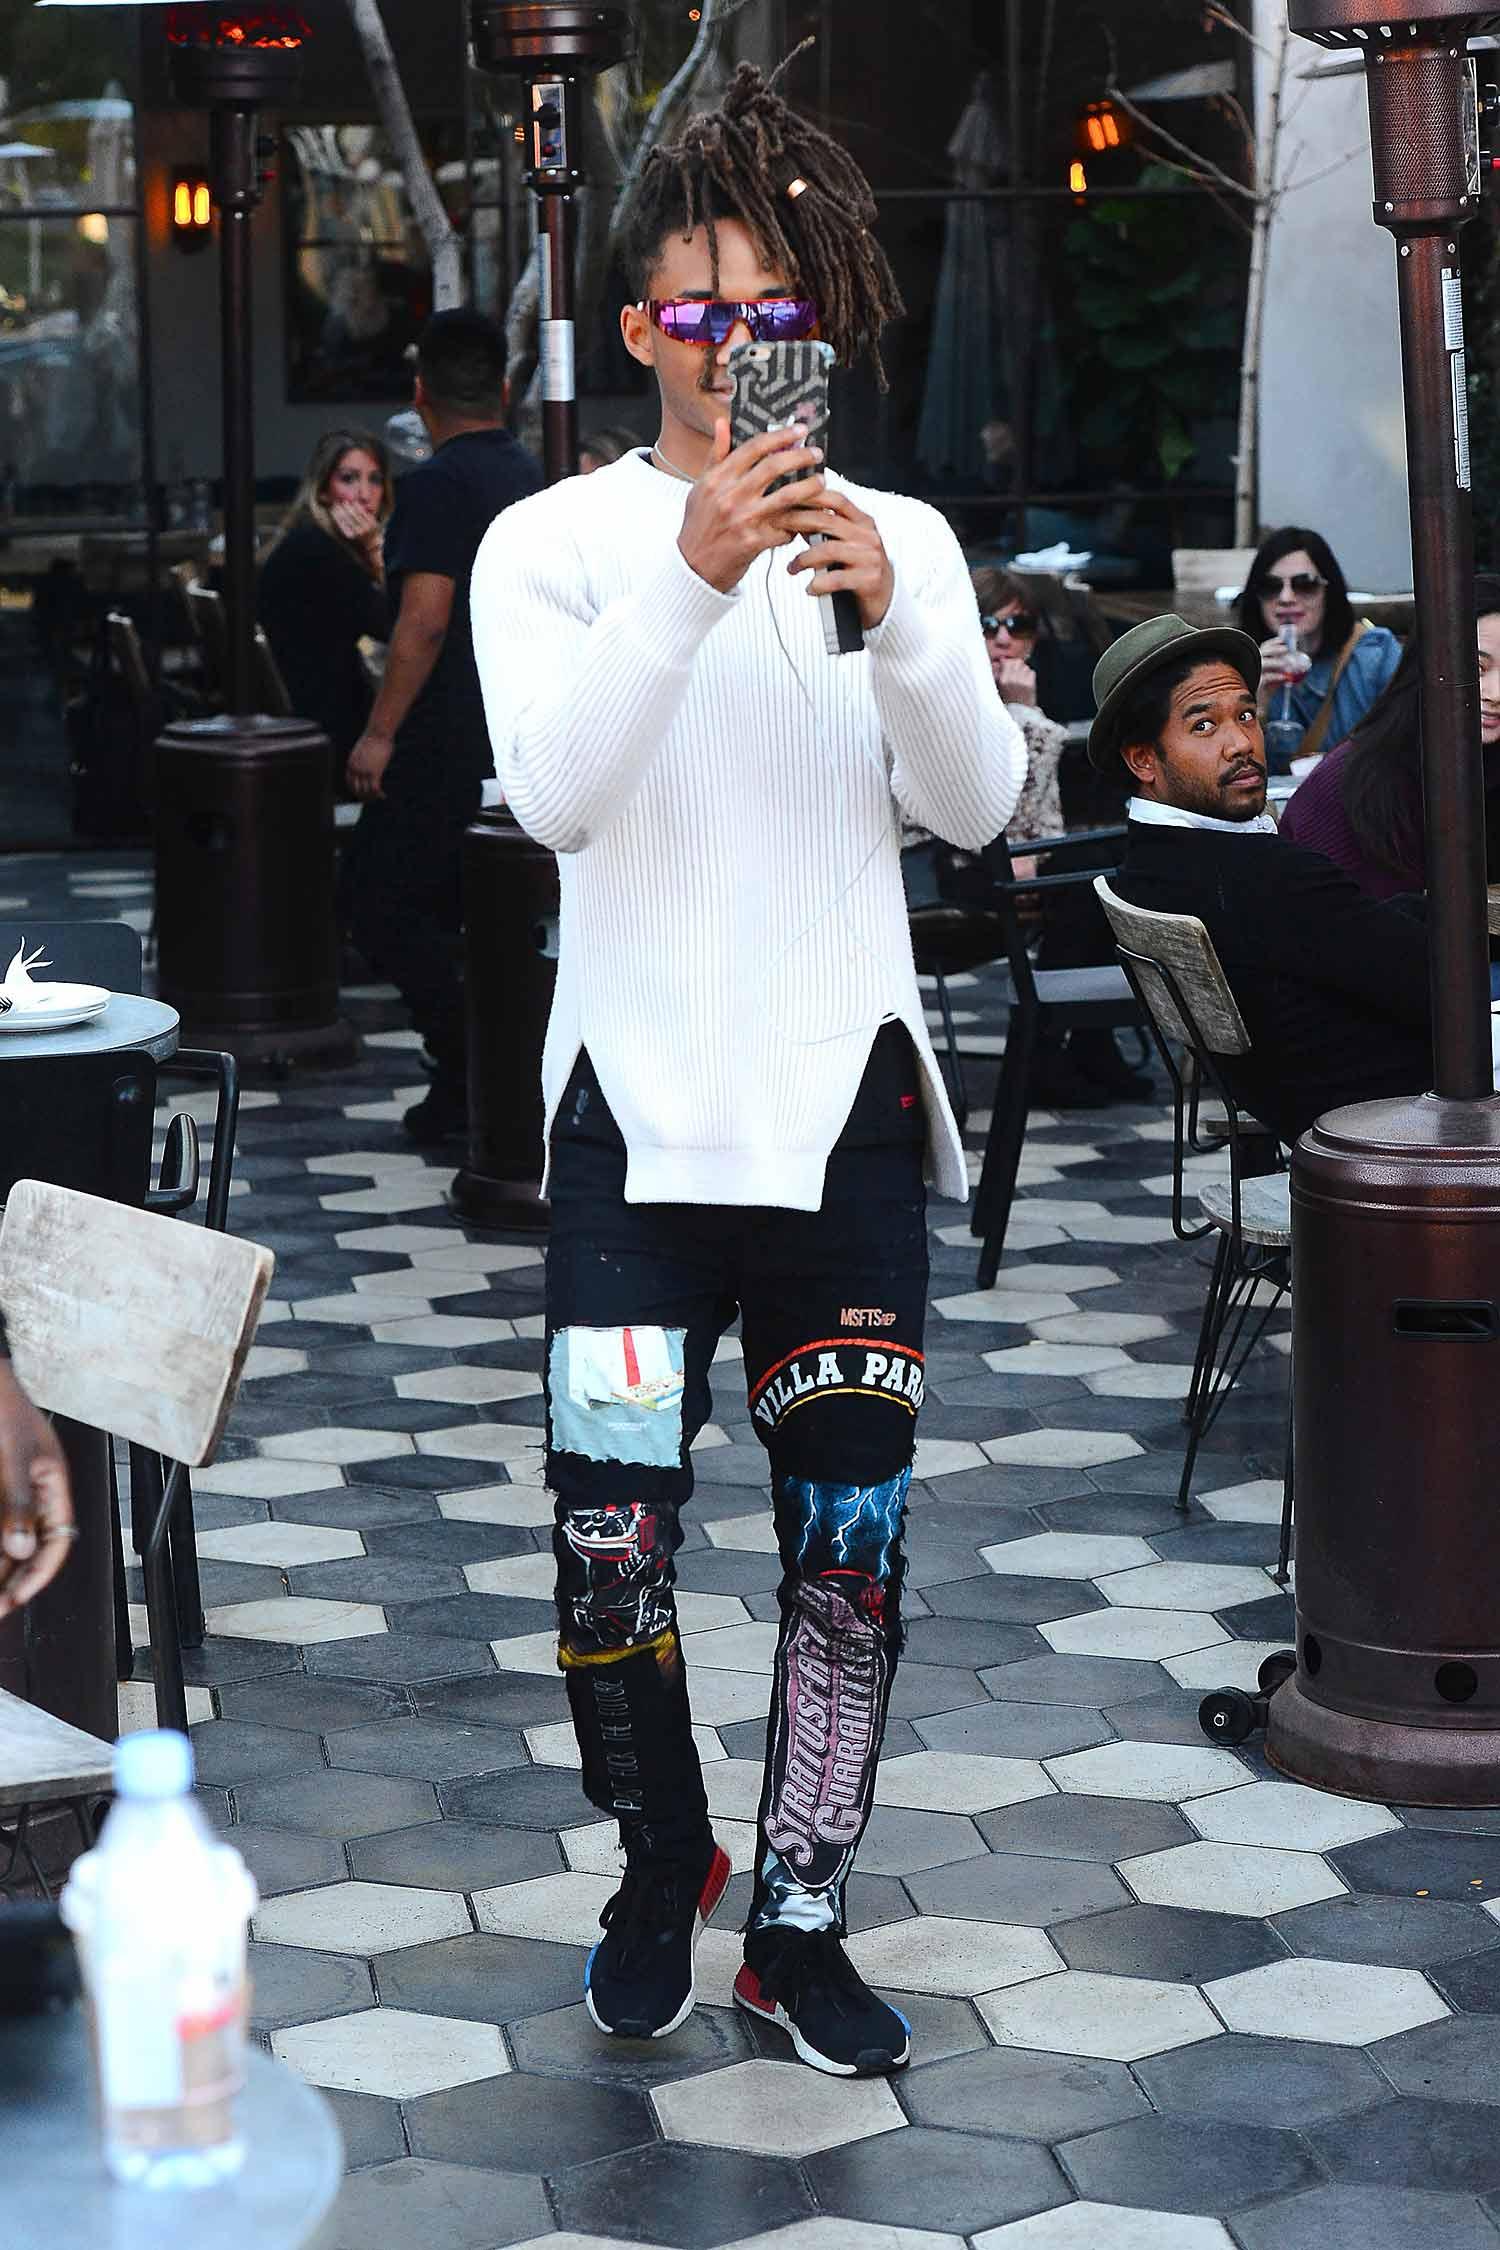 jaden smith wears custom msftsrep printed skinny jeans